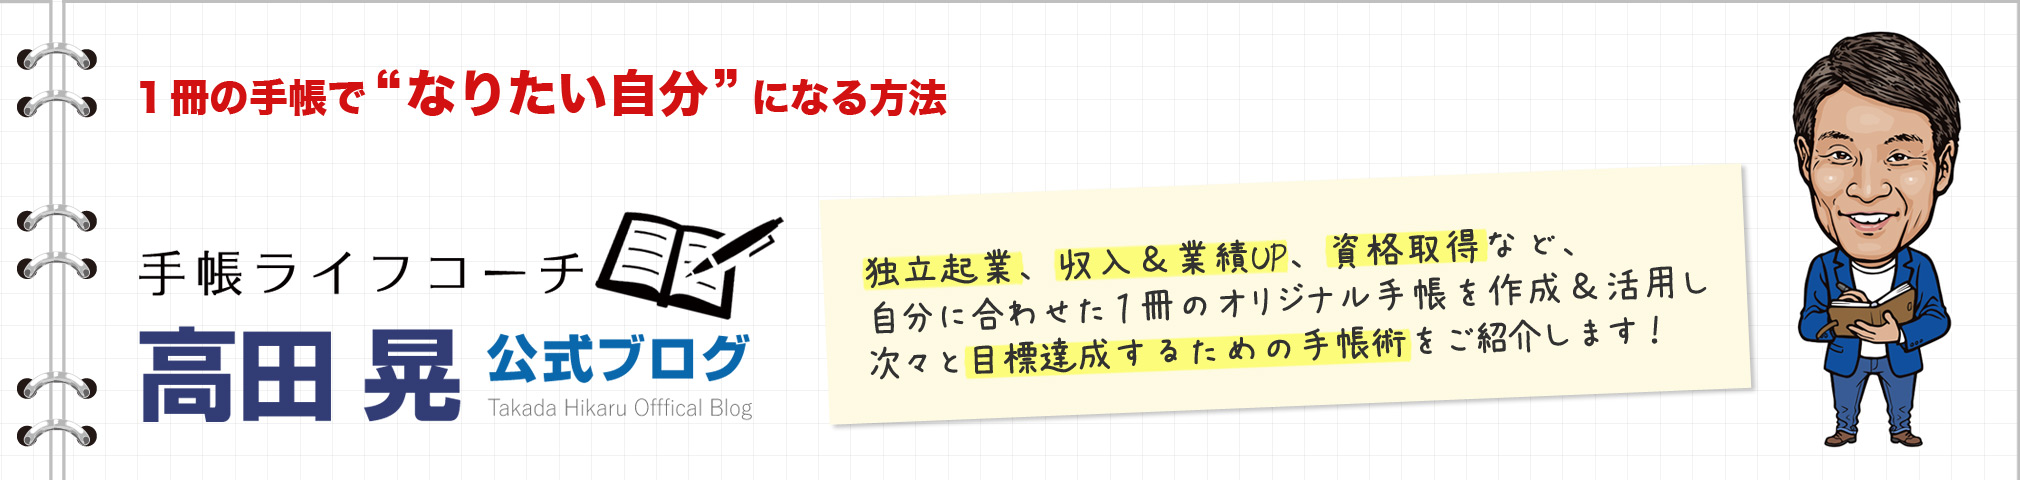 【会員限定】バーチカル型ウィークリーリフィル(A5サイズ・カスタマイズ可) | 手帳ライフコーチ高田晃 公式ブログ